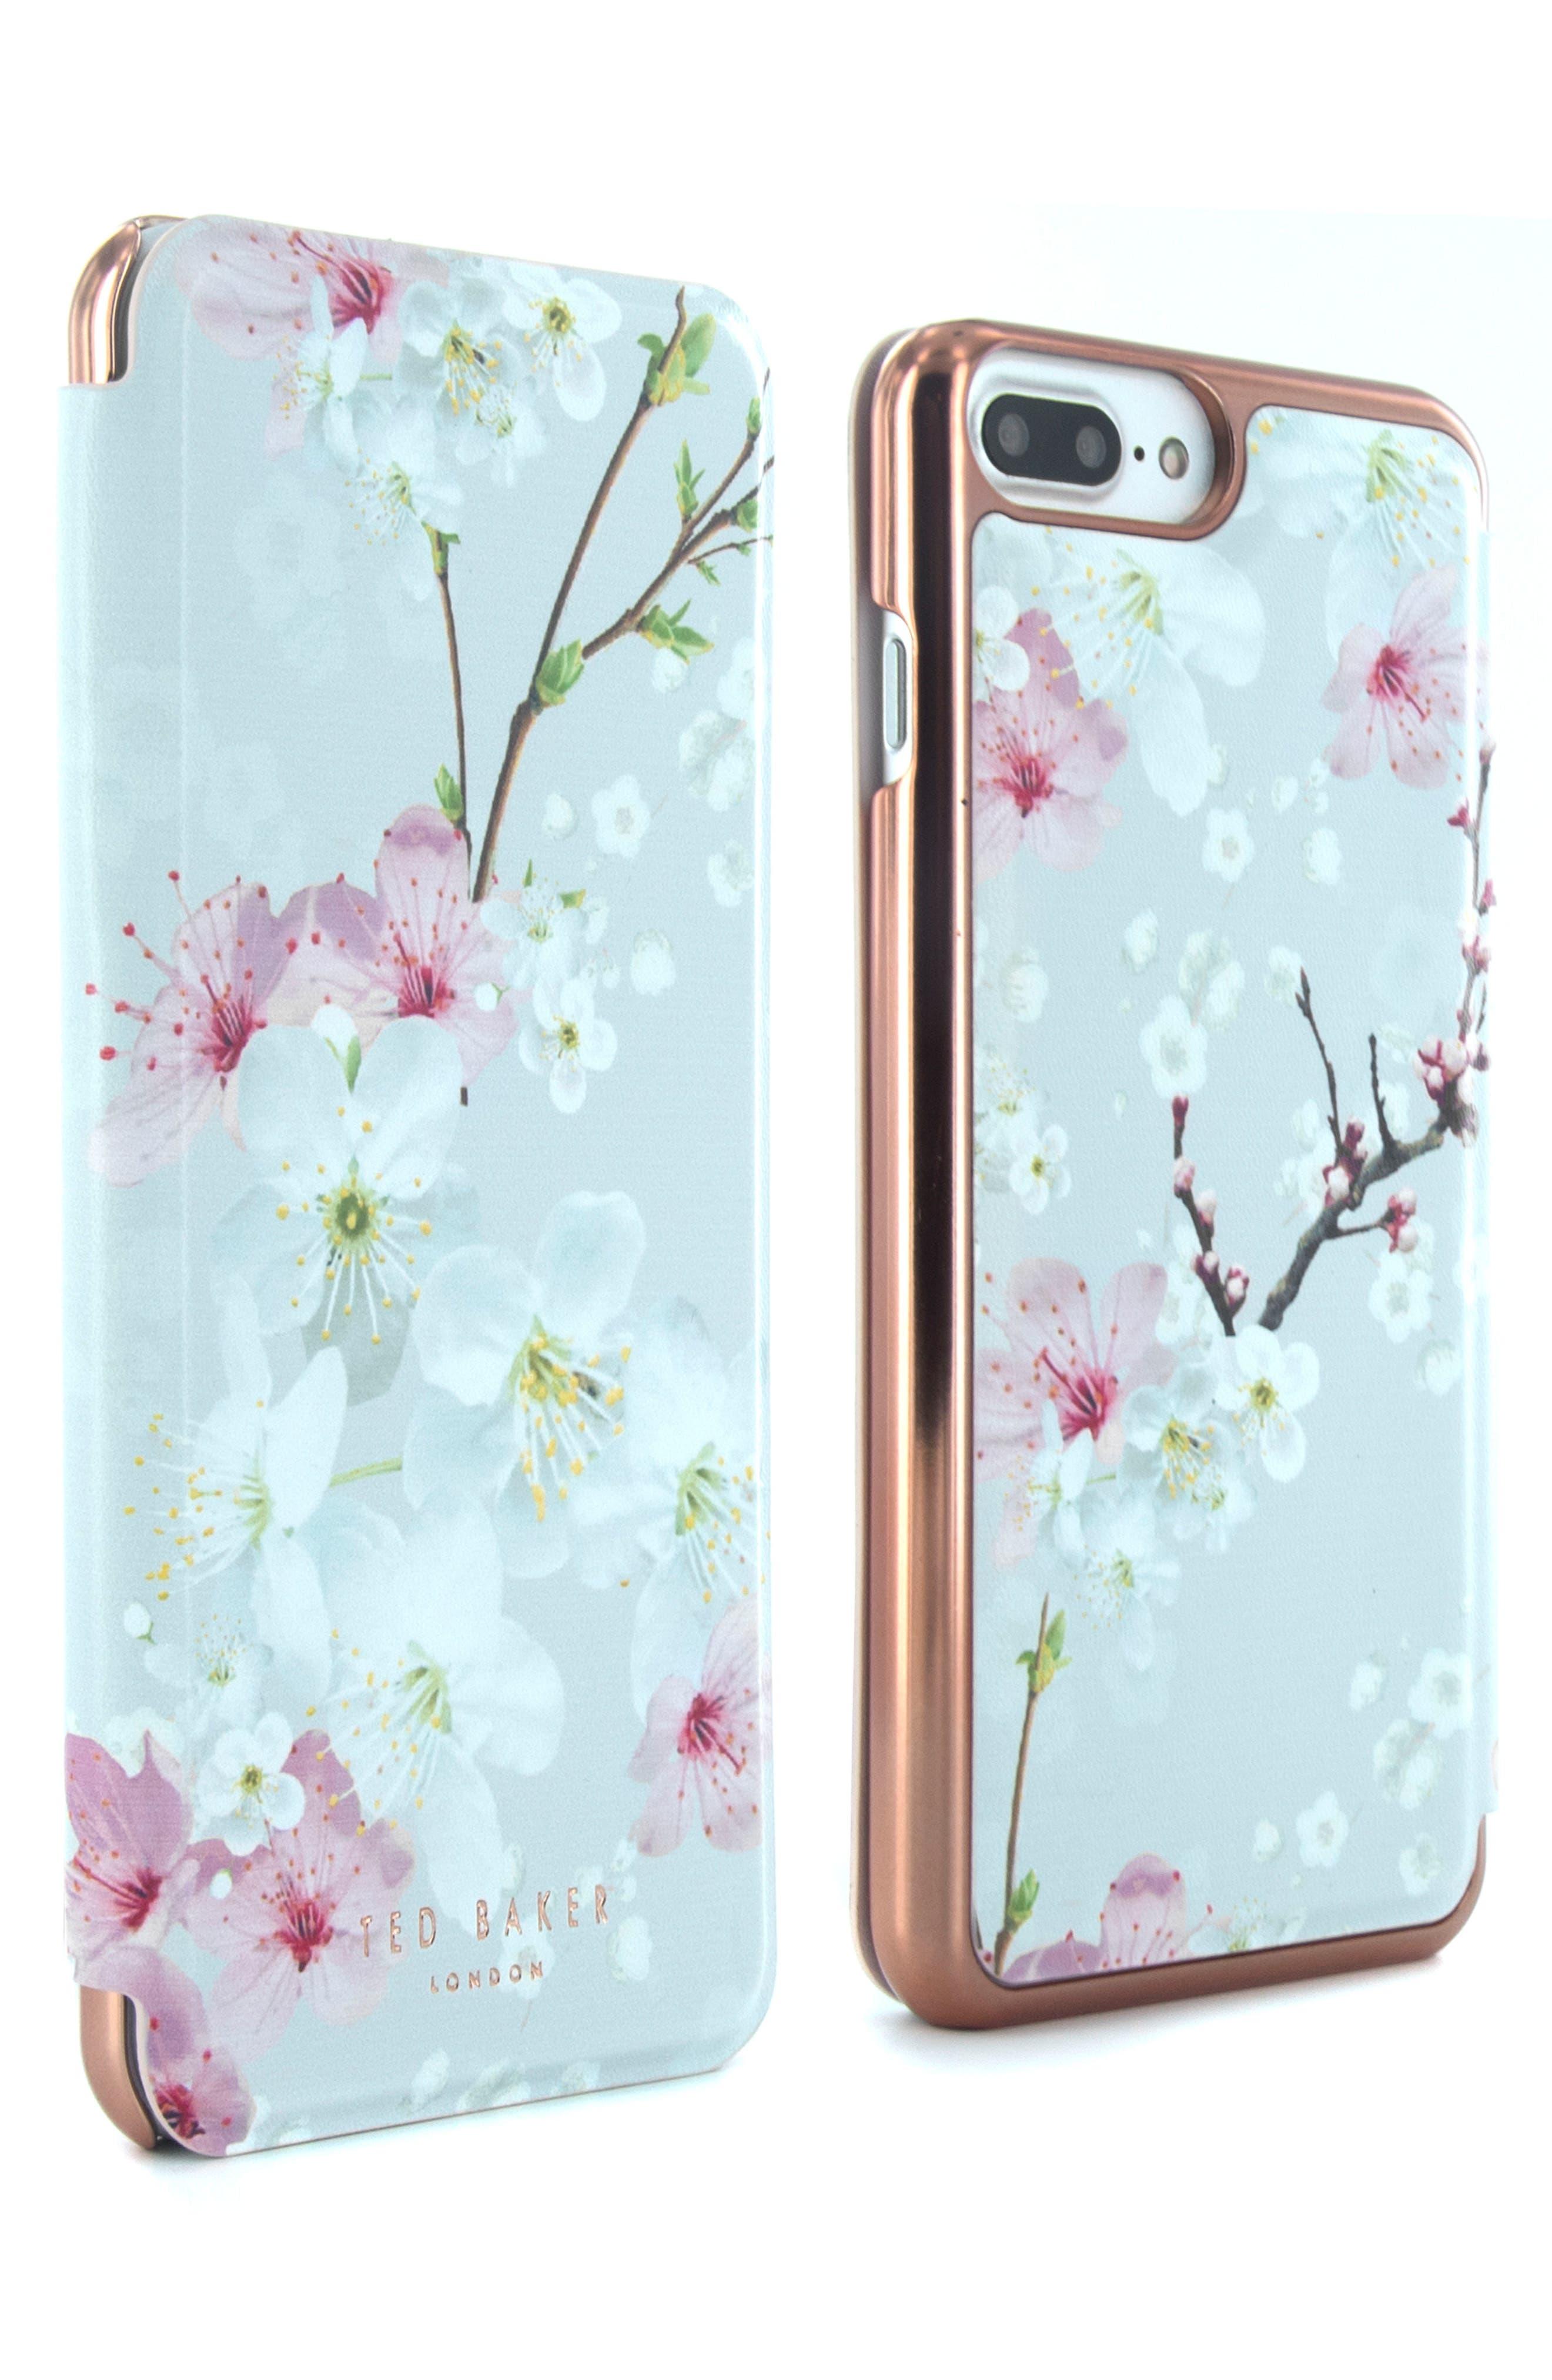 Mirror iPhone 6/6s/7/8 Plus Folio Case,                         Main,                         color, 650